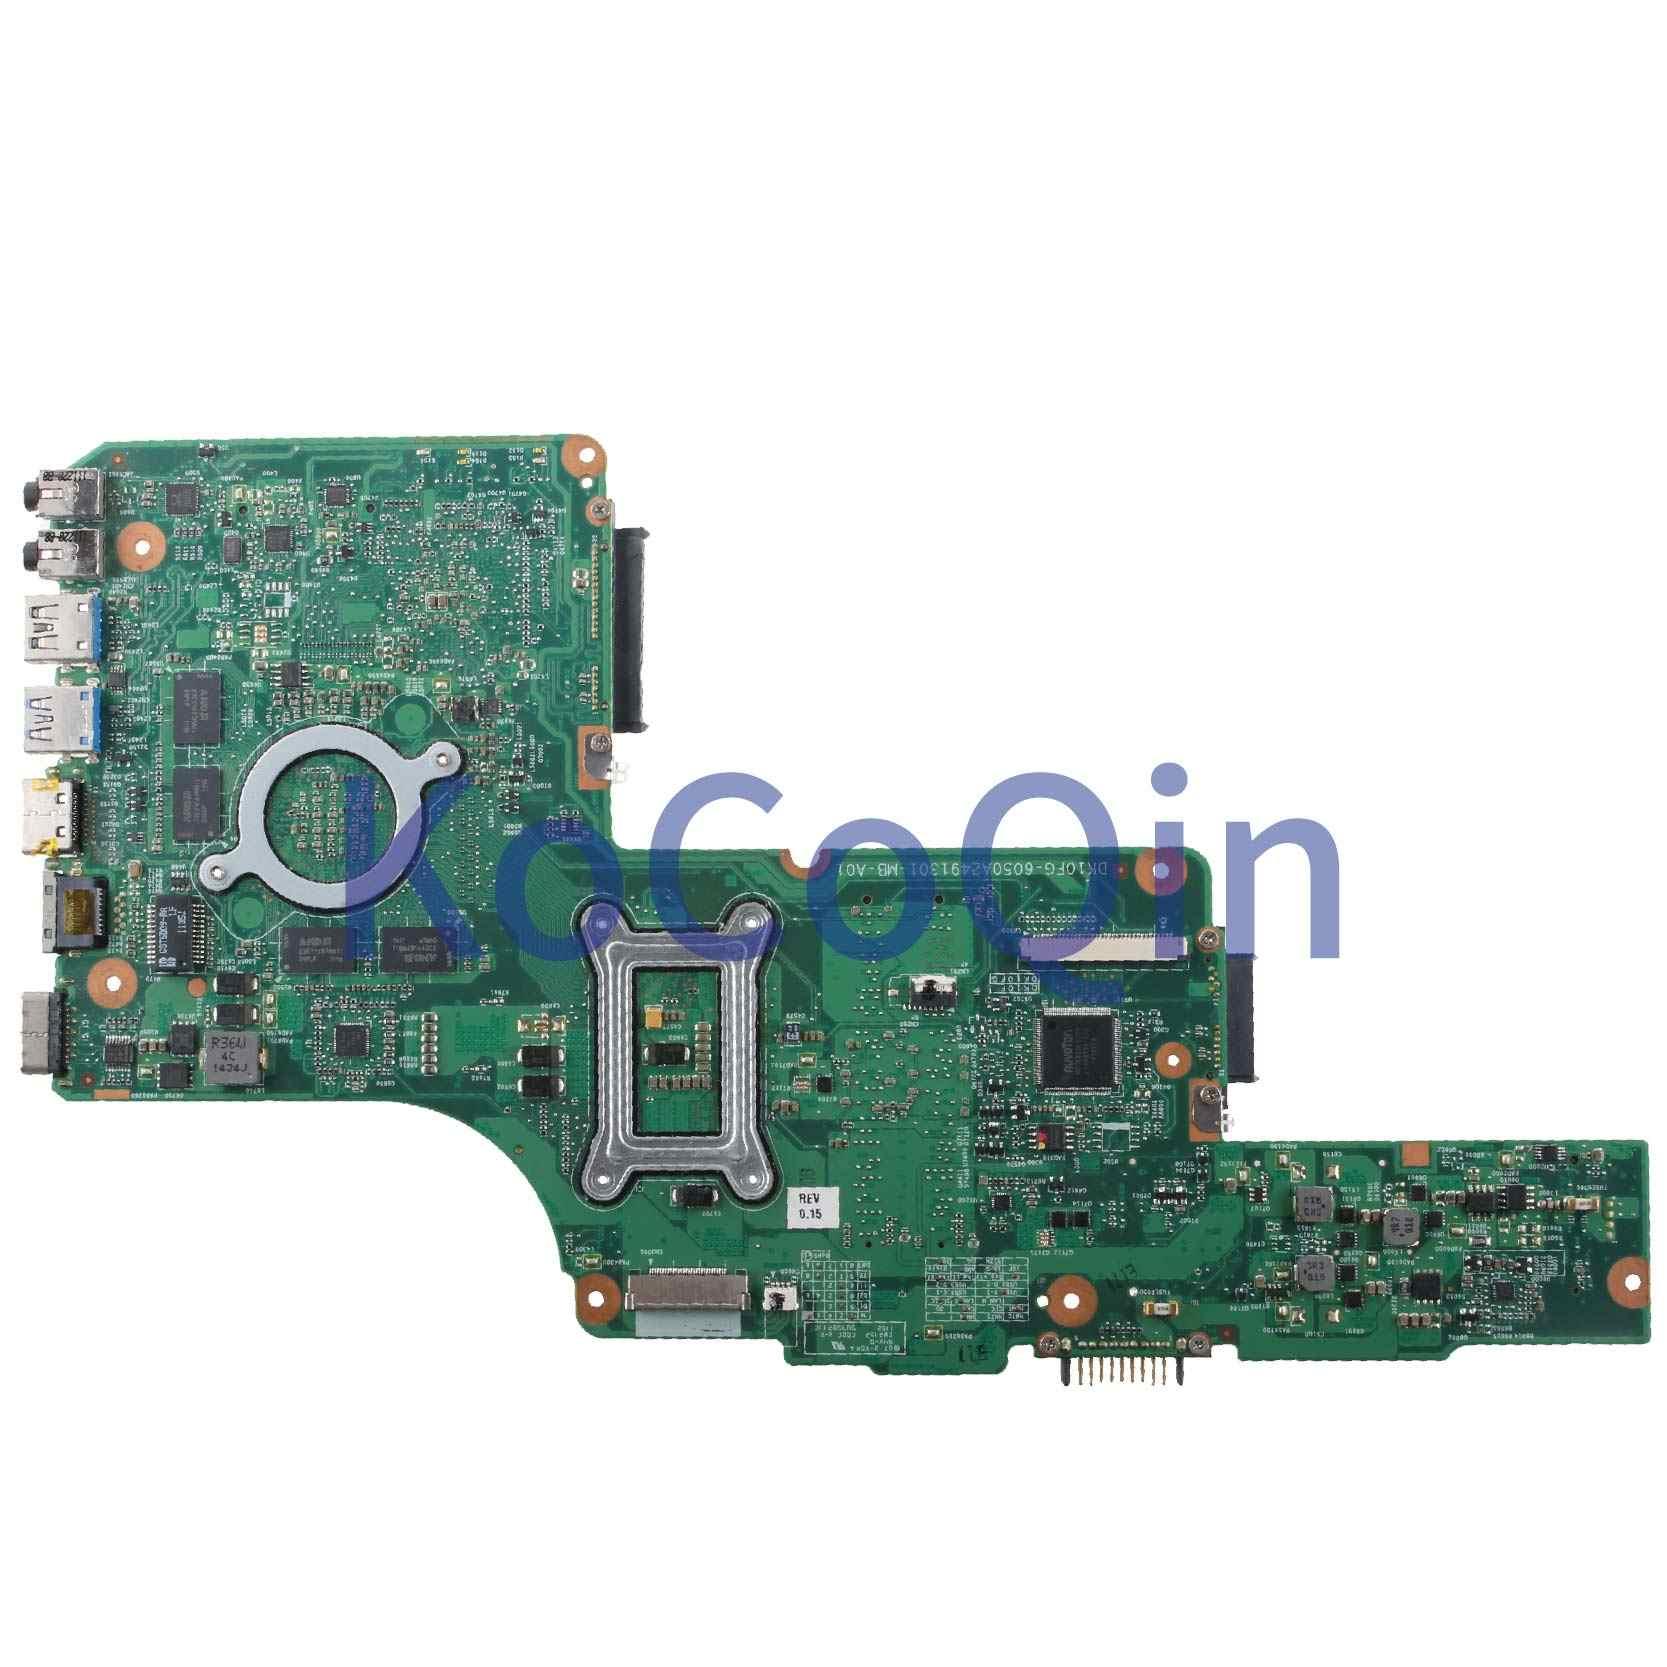 KoCoQin محمول لوحة أم لأجهزة توشيبا الأقمار الصناعية C850 C855 L850 L855 اللوحة 6050A2491301-MB-A01 216-0833000